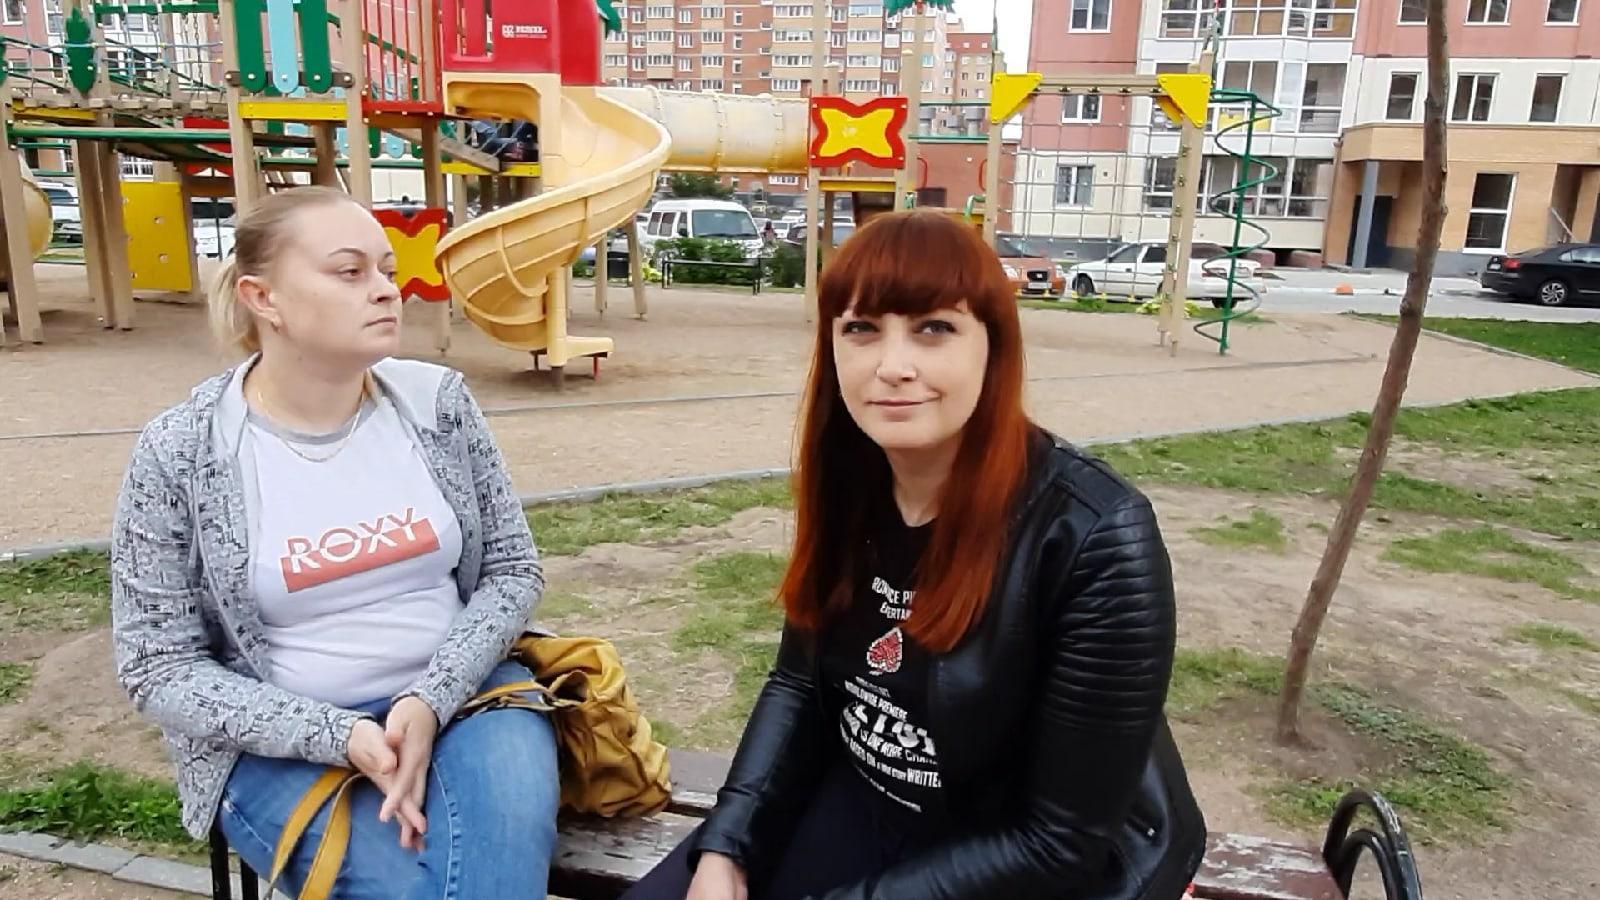 Фото Заряжены оптимизмом: новосибирцы рассказали, как пандемия изменила их настроение и отношение к жизни 5